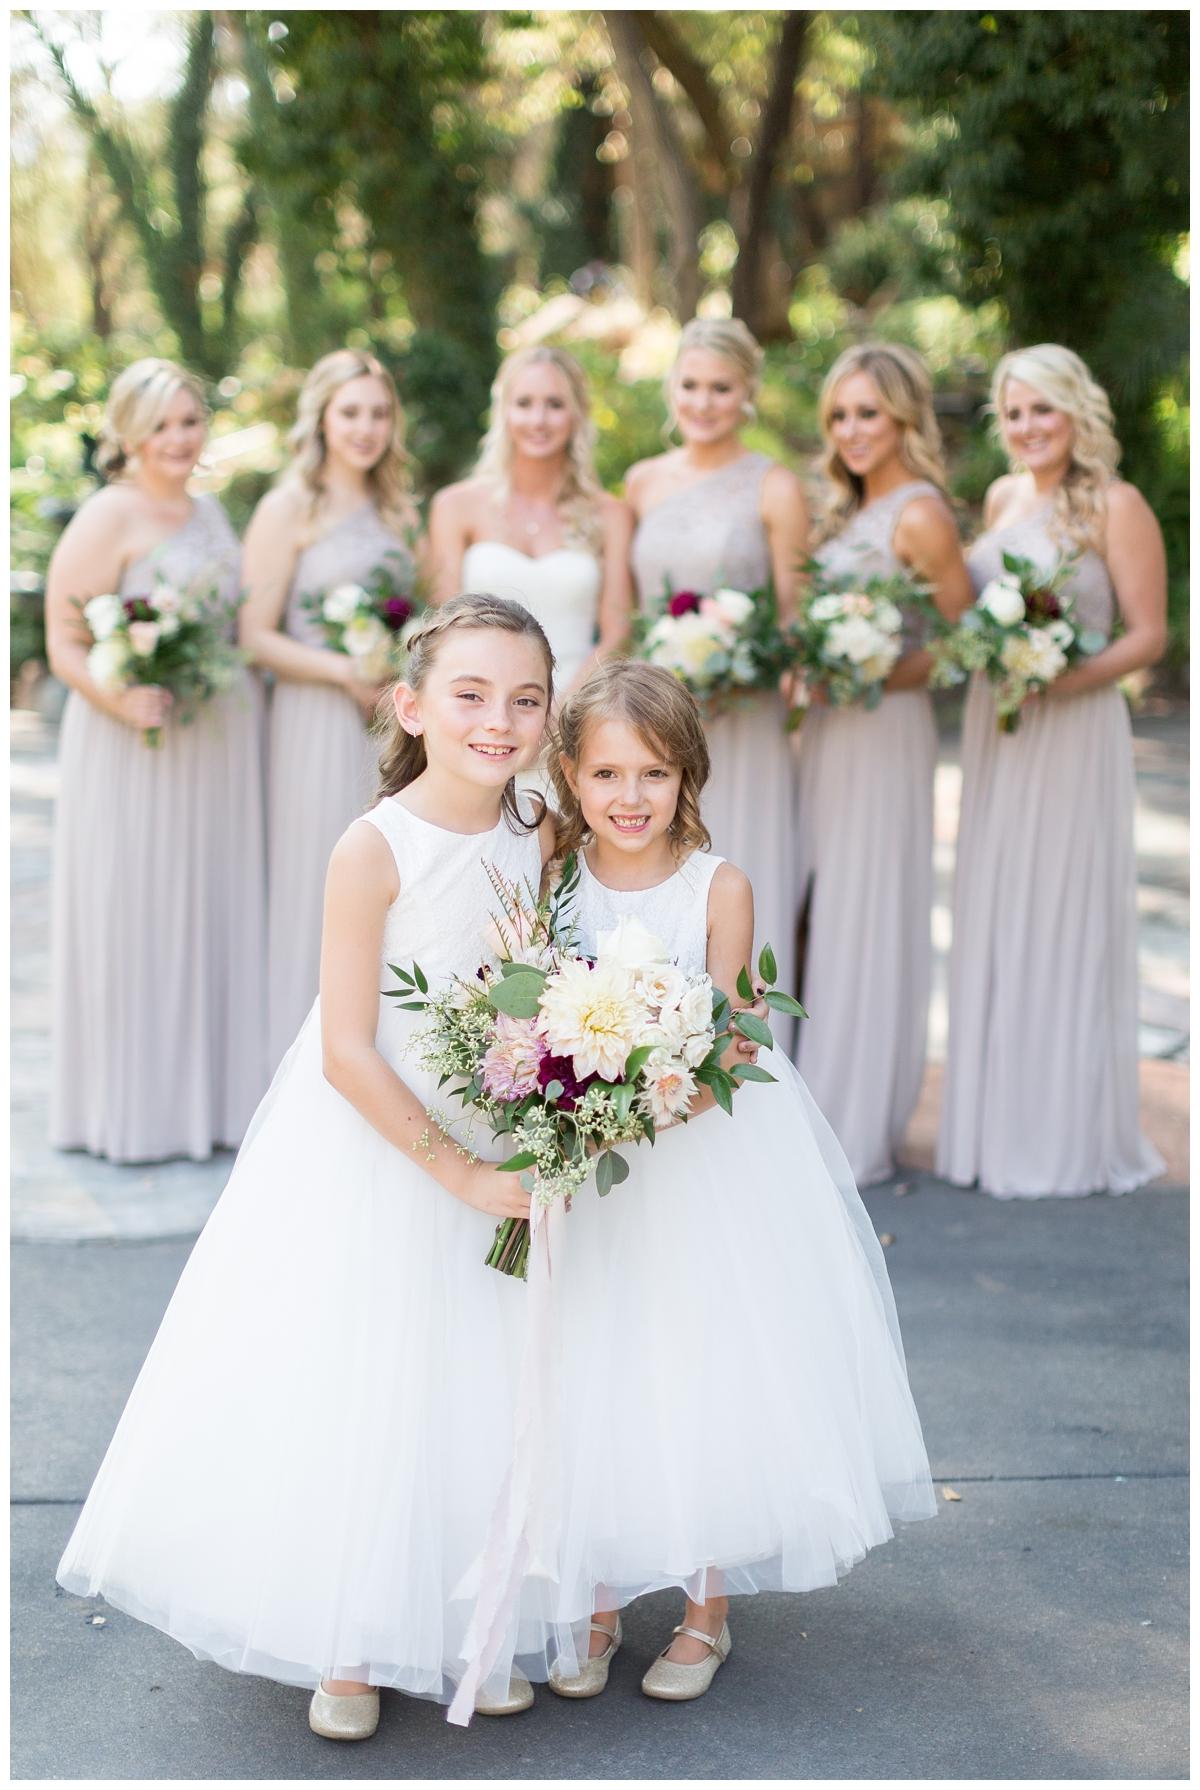 Centerville-Estates-Wedding-Photographer_5915.jpg